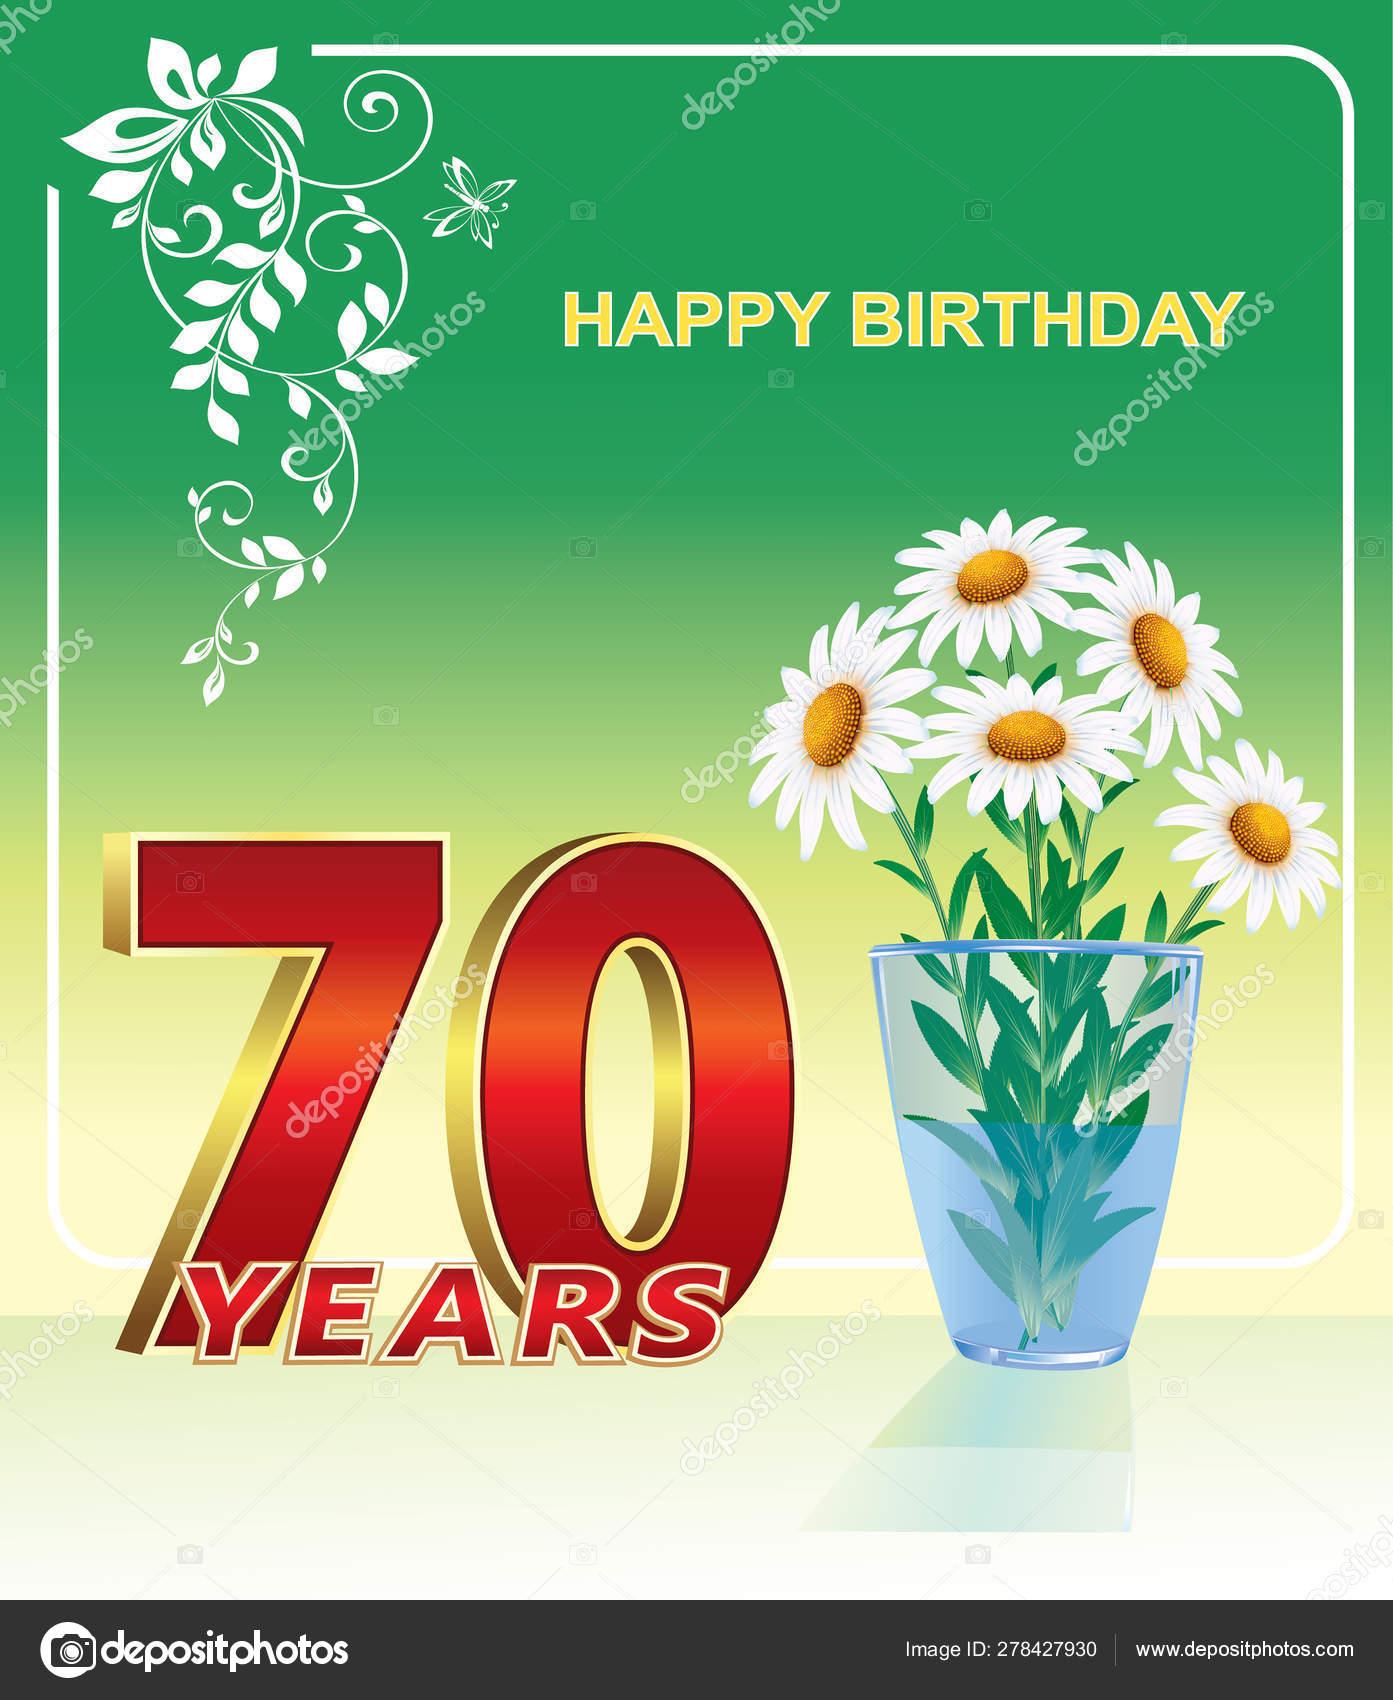 Auguri Buon Compleanno 70 Anni.Anniversario 70th Buon Compleanno 70 Anni Festa